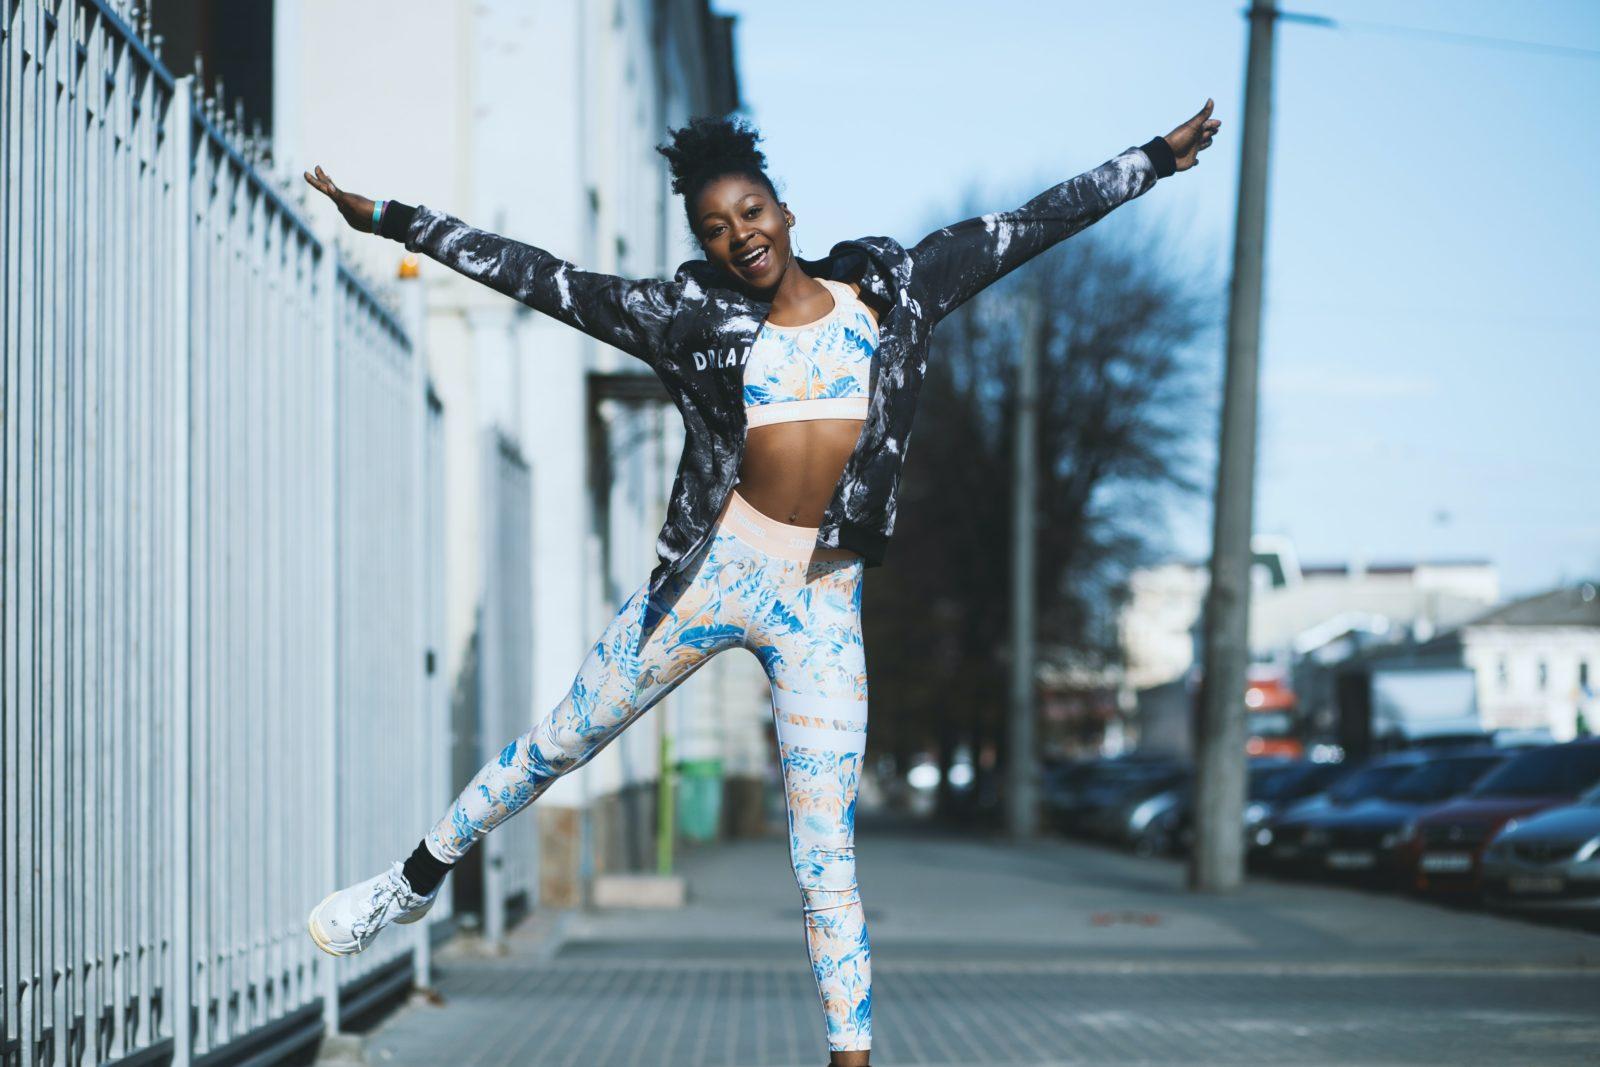 Femme portant le style vestimentaire répondant à la tendance Athleisure : legging et brassière de sport imprimés colorés, et sneakers.